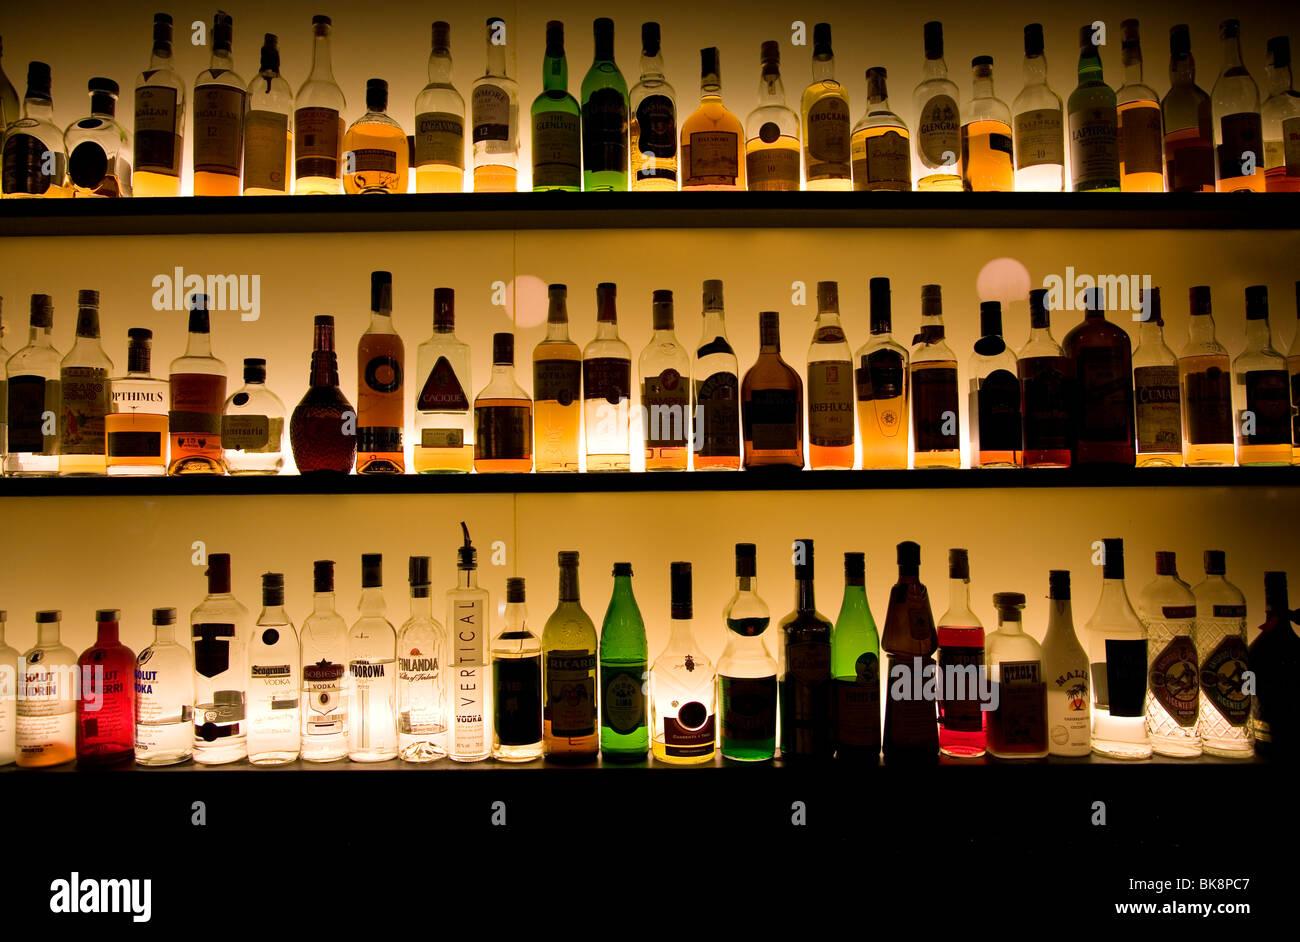 Bottles Of Spirit On Display At Spanish Bar Stock Photo